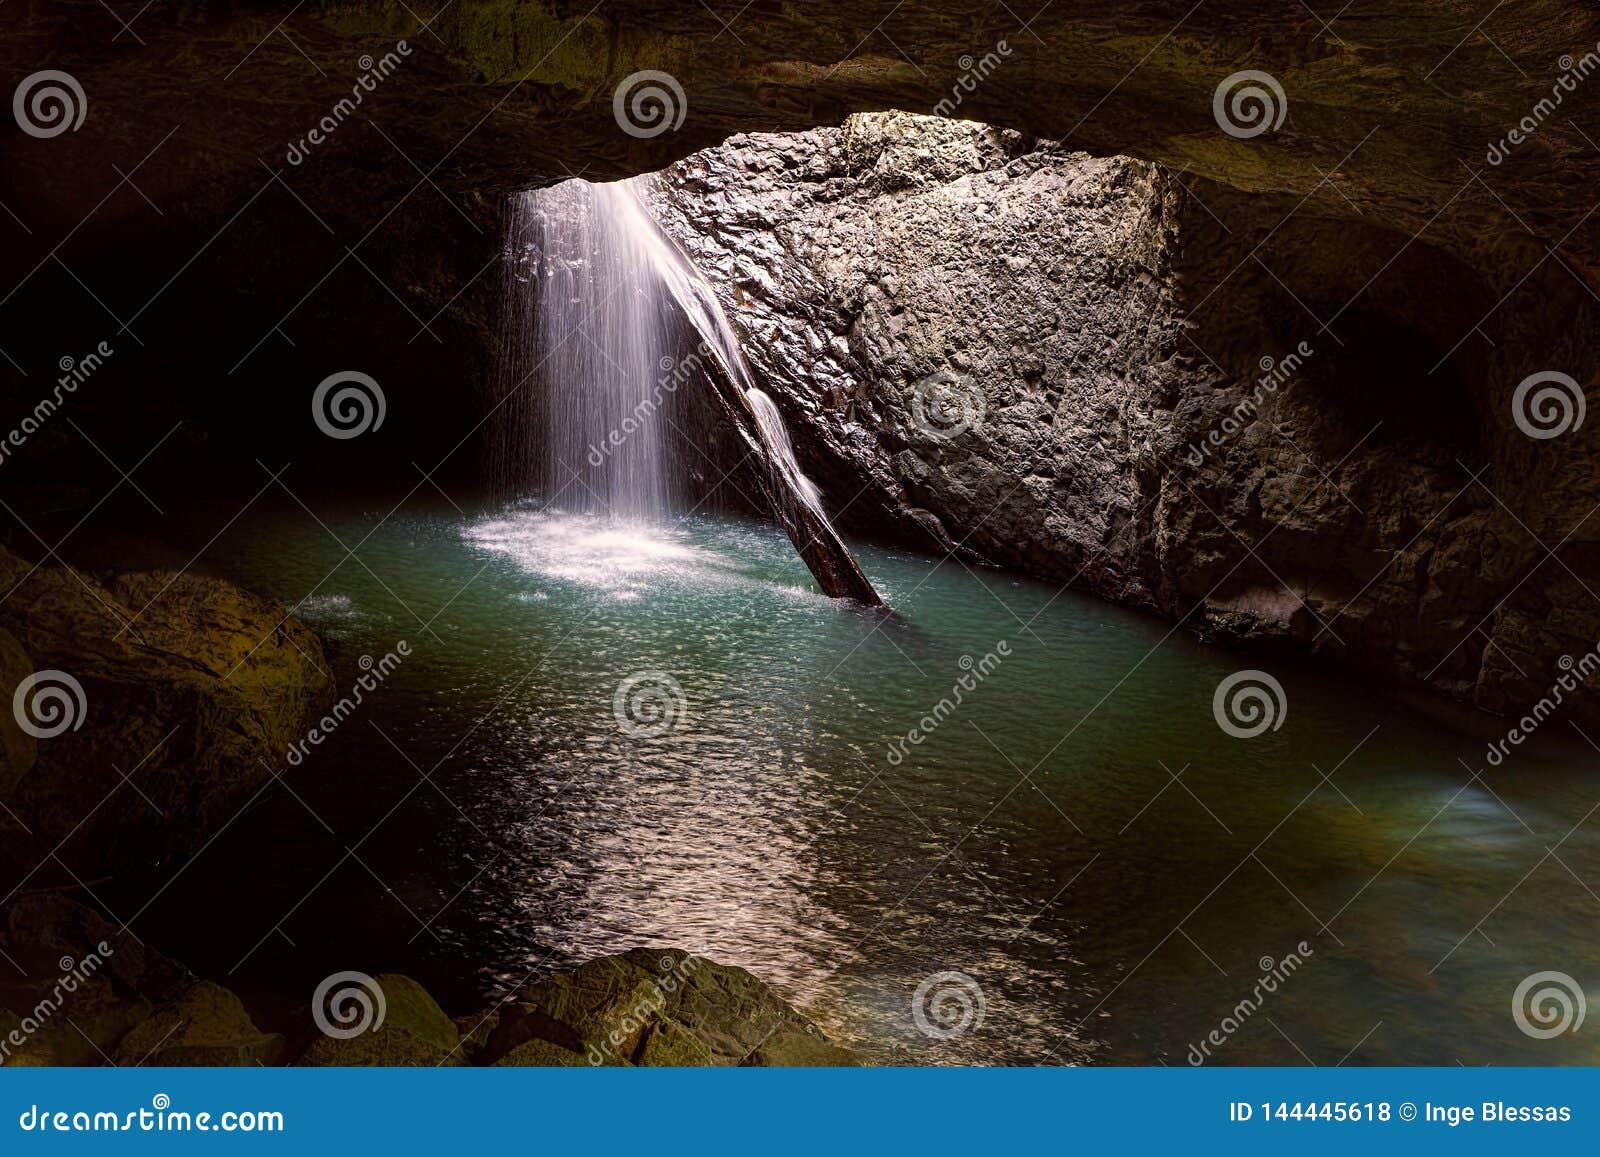 Natural Bridge Cave Waterfall